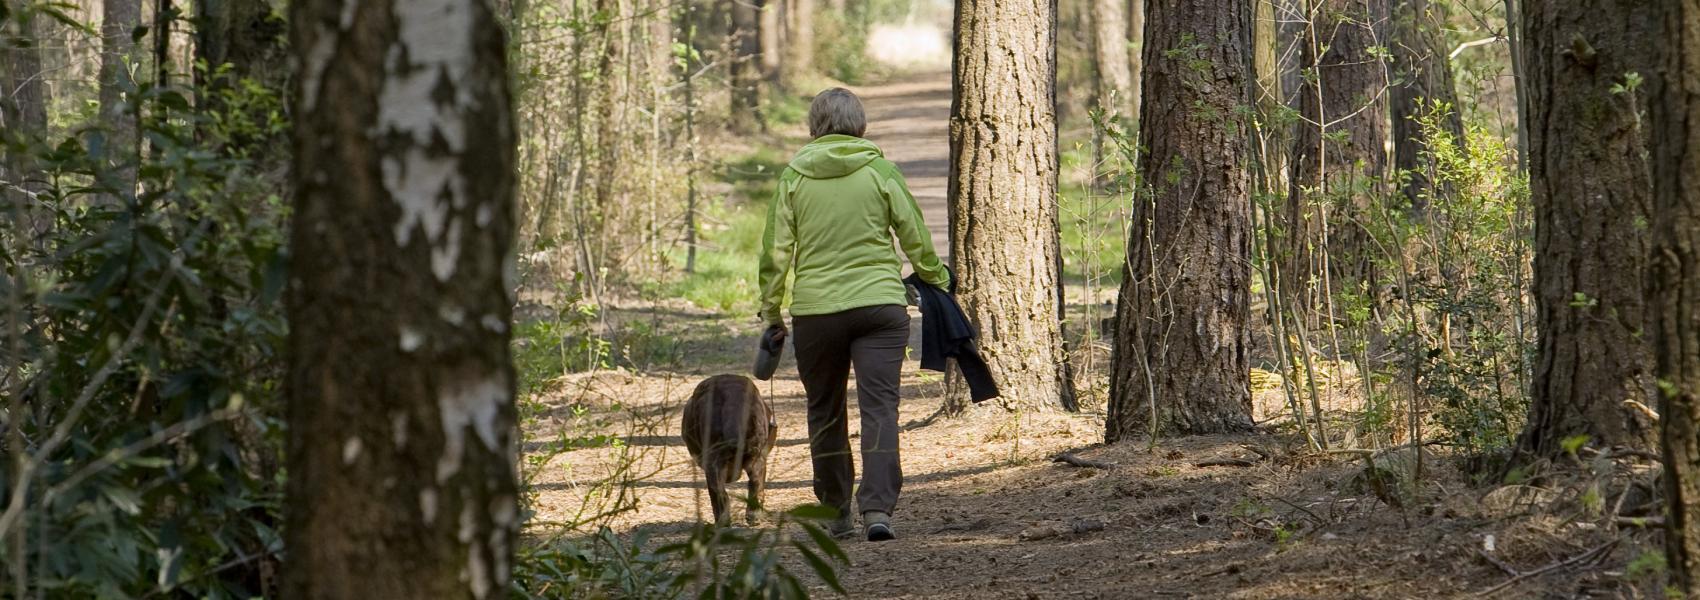 wandelaarster met hond in het bos